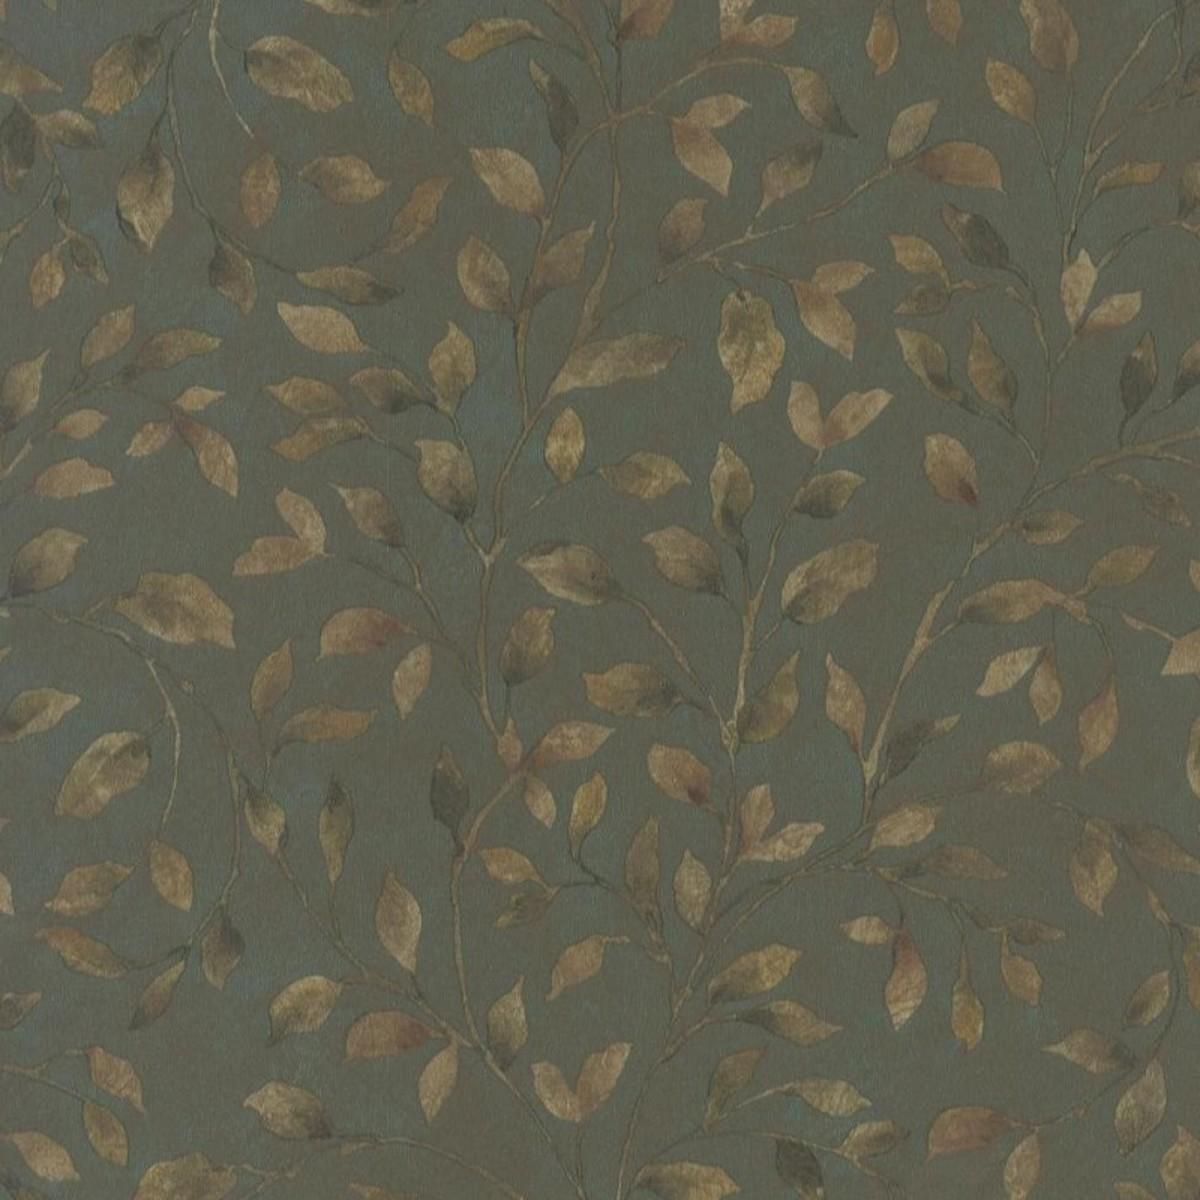 Виниловые обои York Wallcoverings серые HA1228 0.52 м